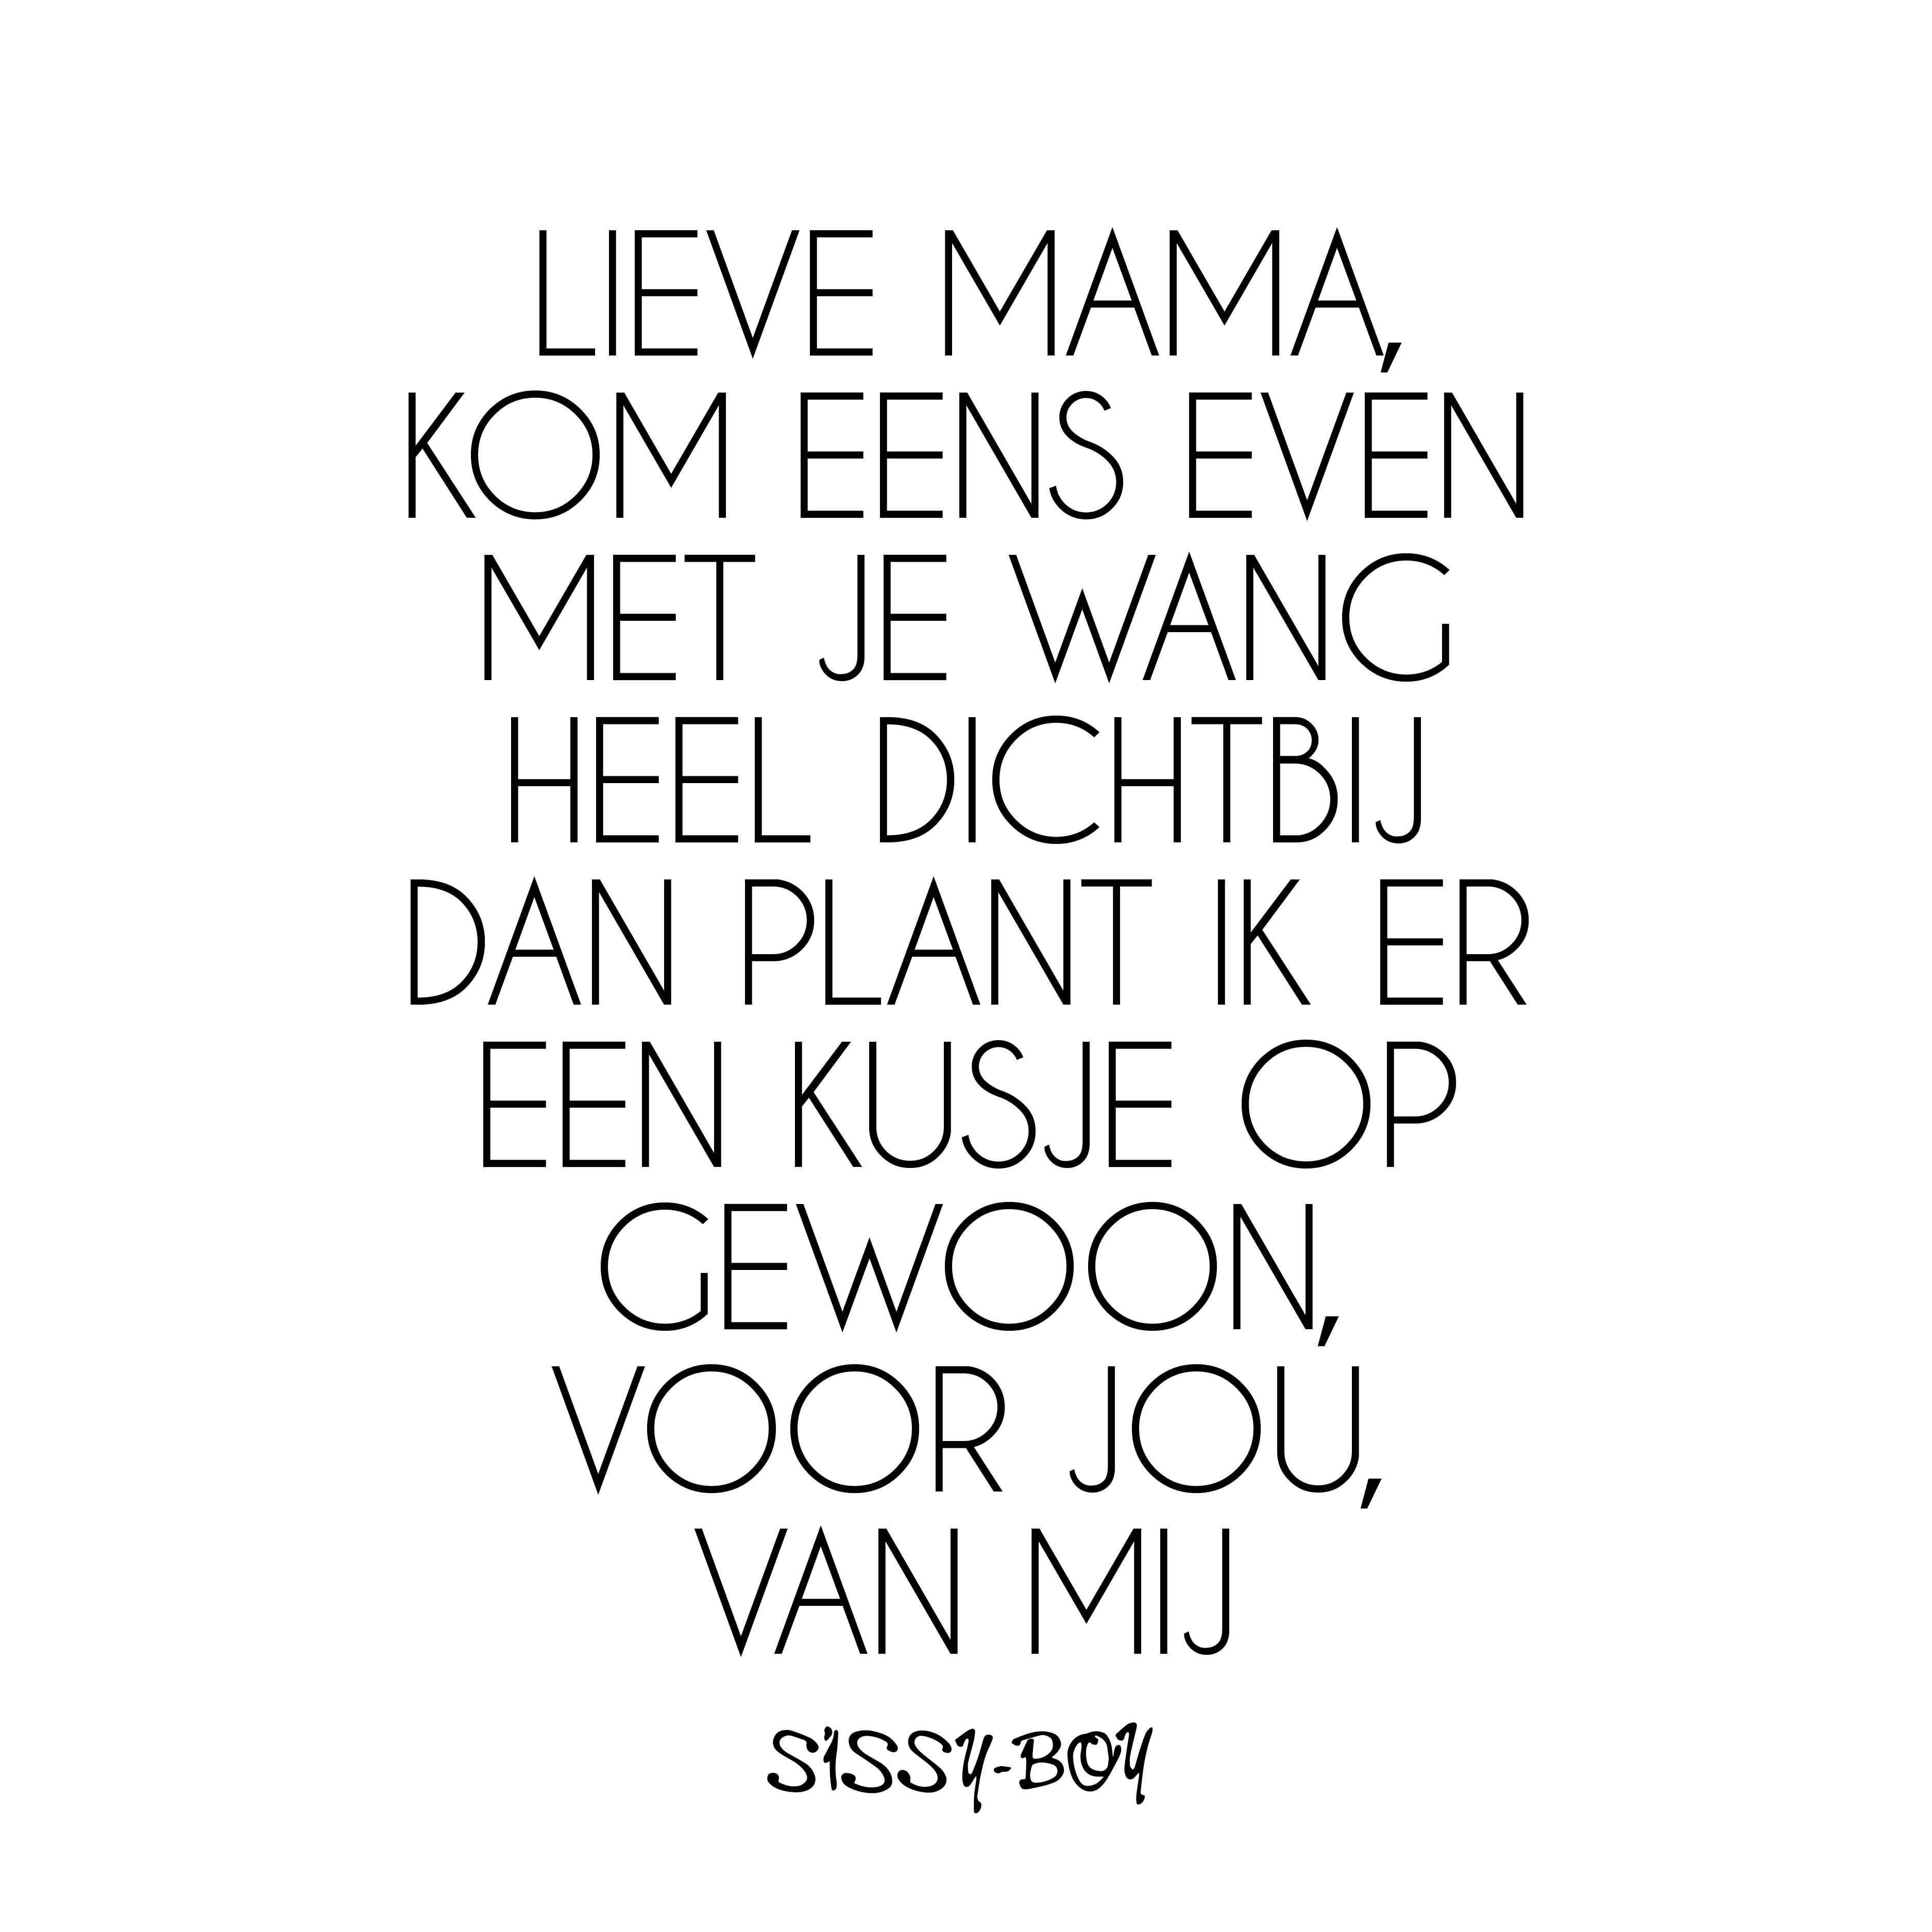 moederdag gedichten moederdag pinterest site